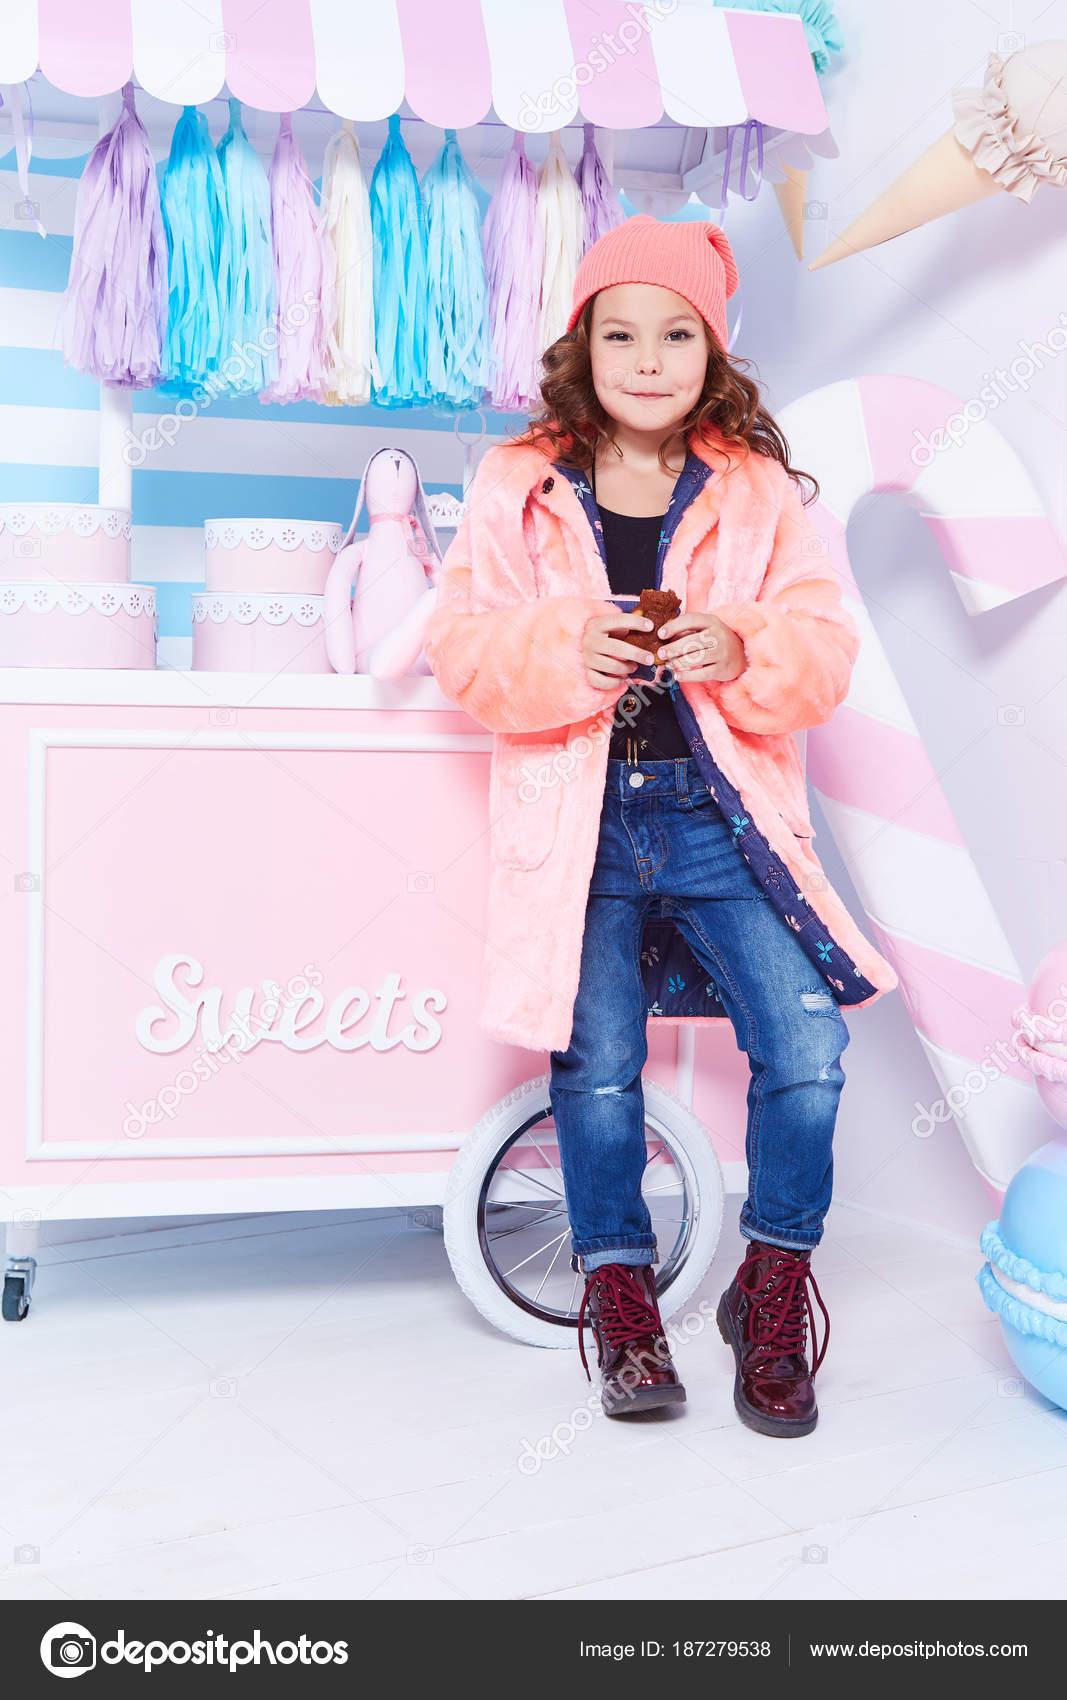 Kleidung für Kinder Jeans Denim Pelz Hut Mode Stil kleines wenig g ...